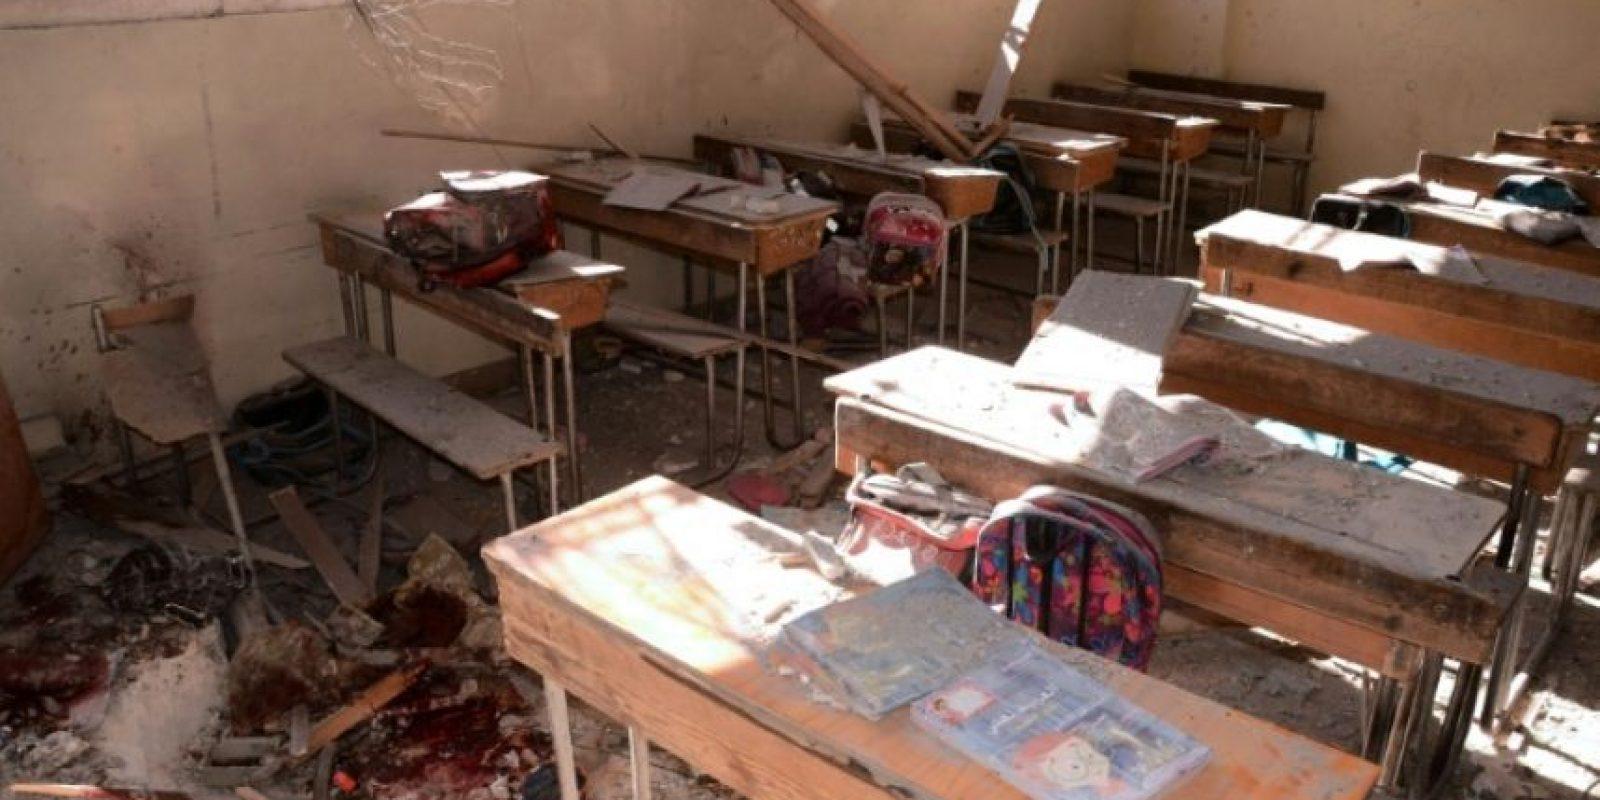 Un charco de sangre en el suelo de una escuela destrozada por un cohete supuestamente disparado por los rebeldes, en el barrio de Furqan, en la zona controlada por el Gobierno sirio de Alepo, el 20 de noviembre de 2016 Foto:George Ourfalian/afp.com